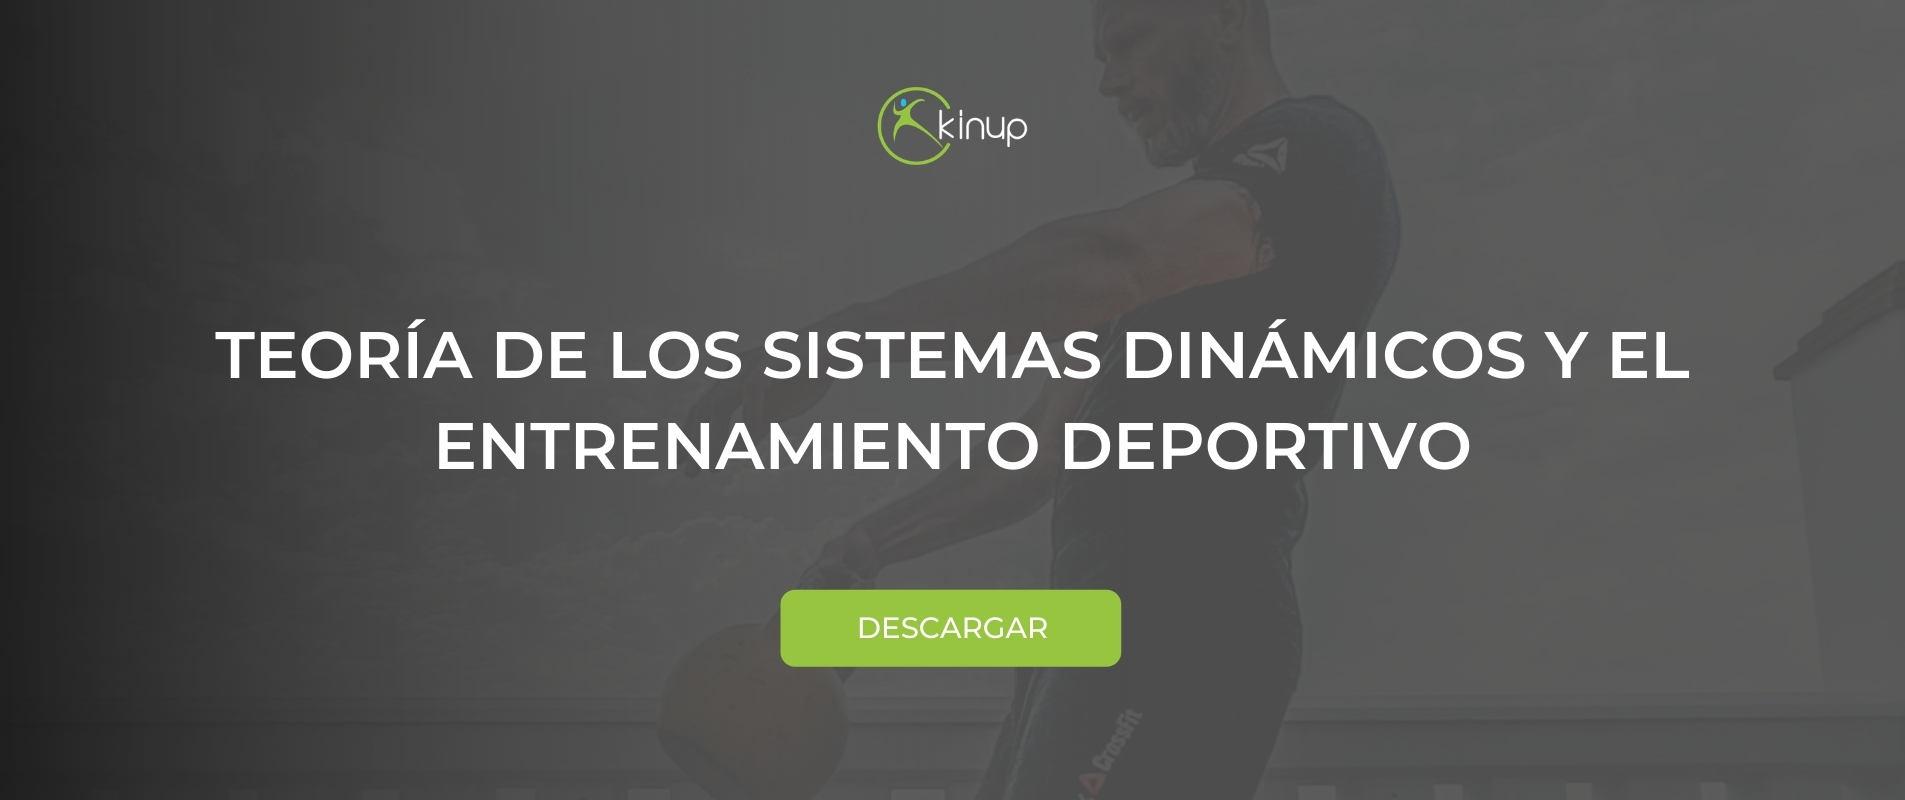 Teoría de los sistemas dinámicos y el entrenamiento deportivo